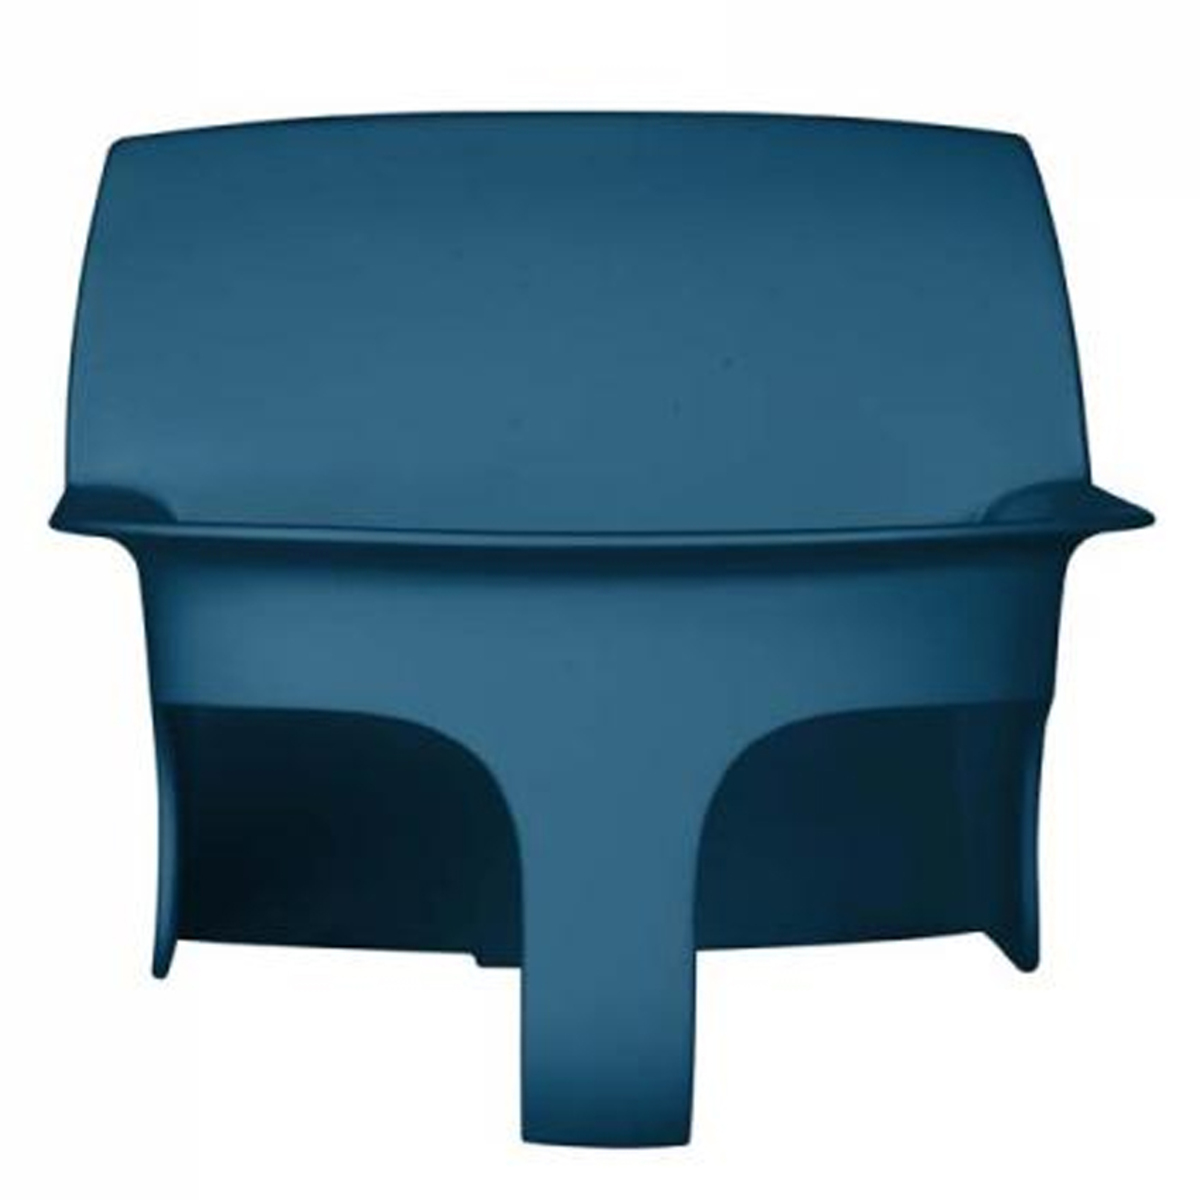 Chaise haute Set Bébé Lemo - Twilight Blue Set Bébé Lemo - Twilight Blue